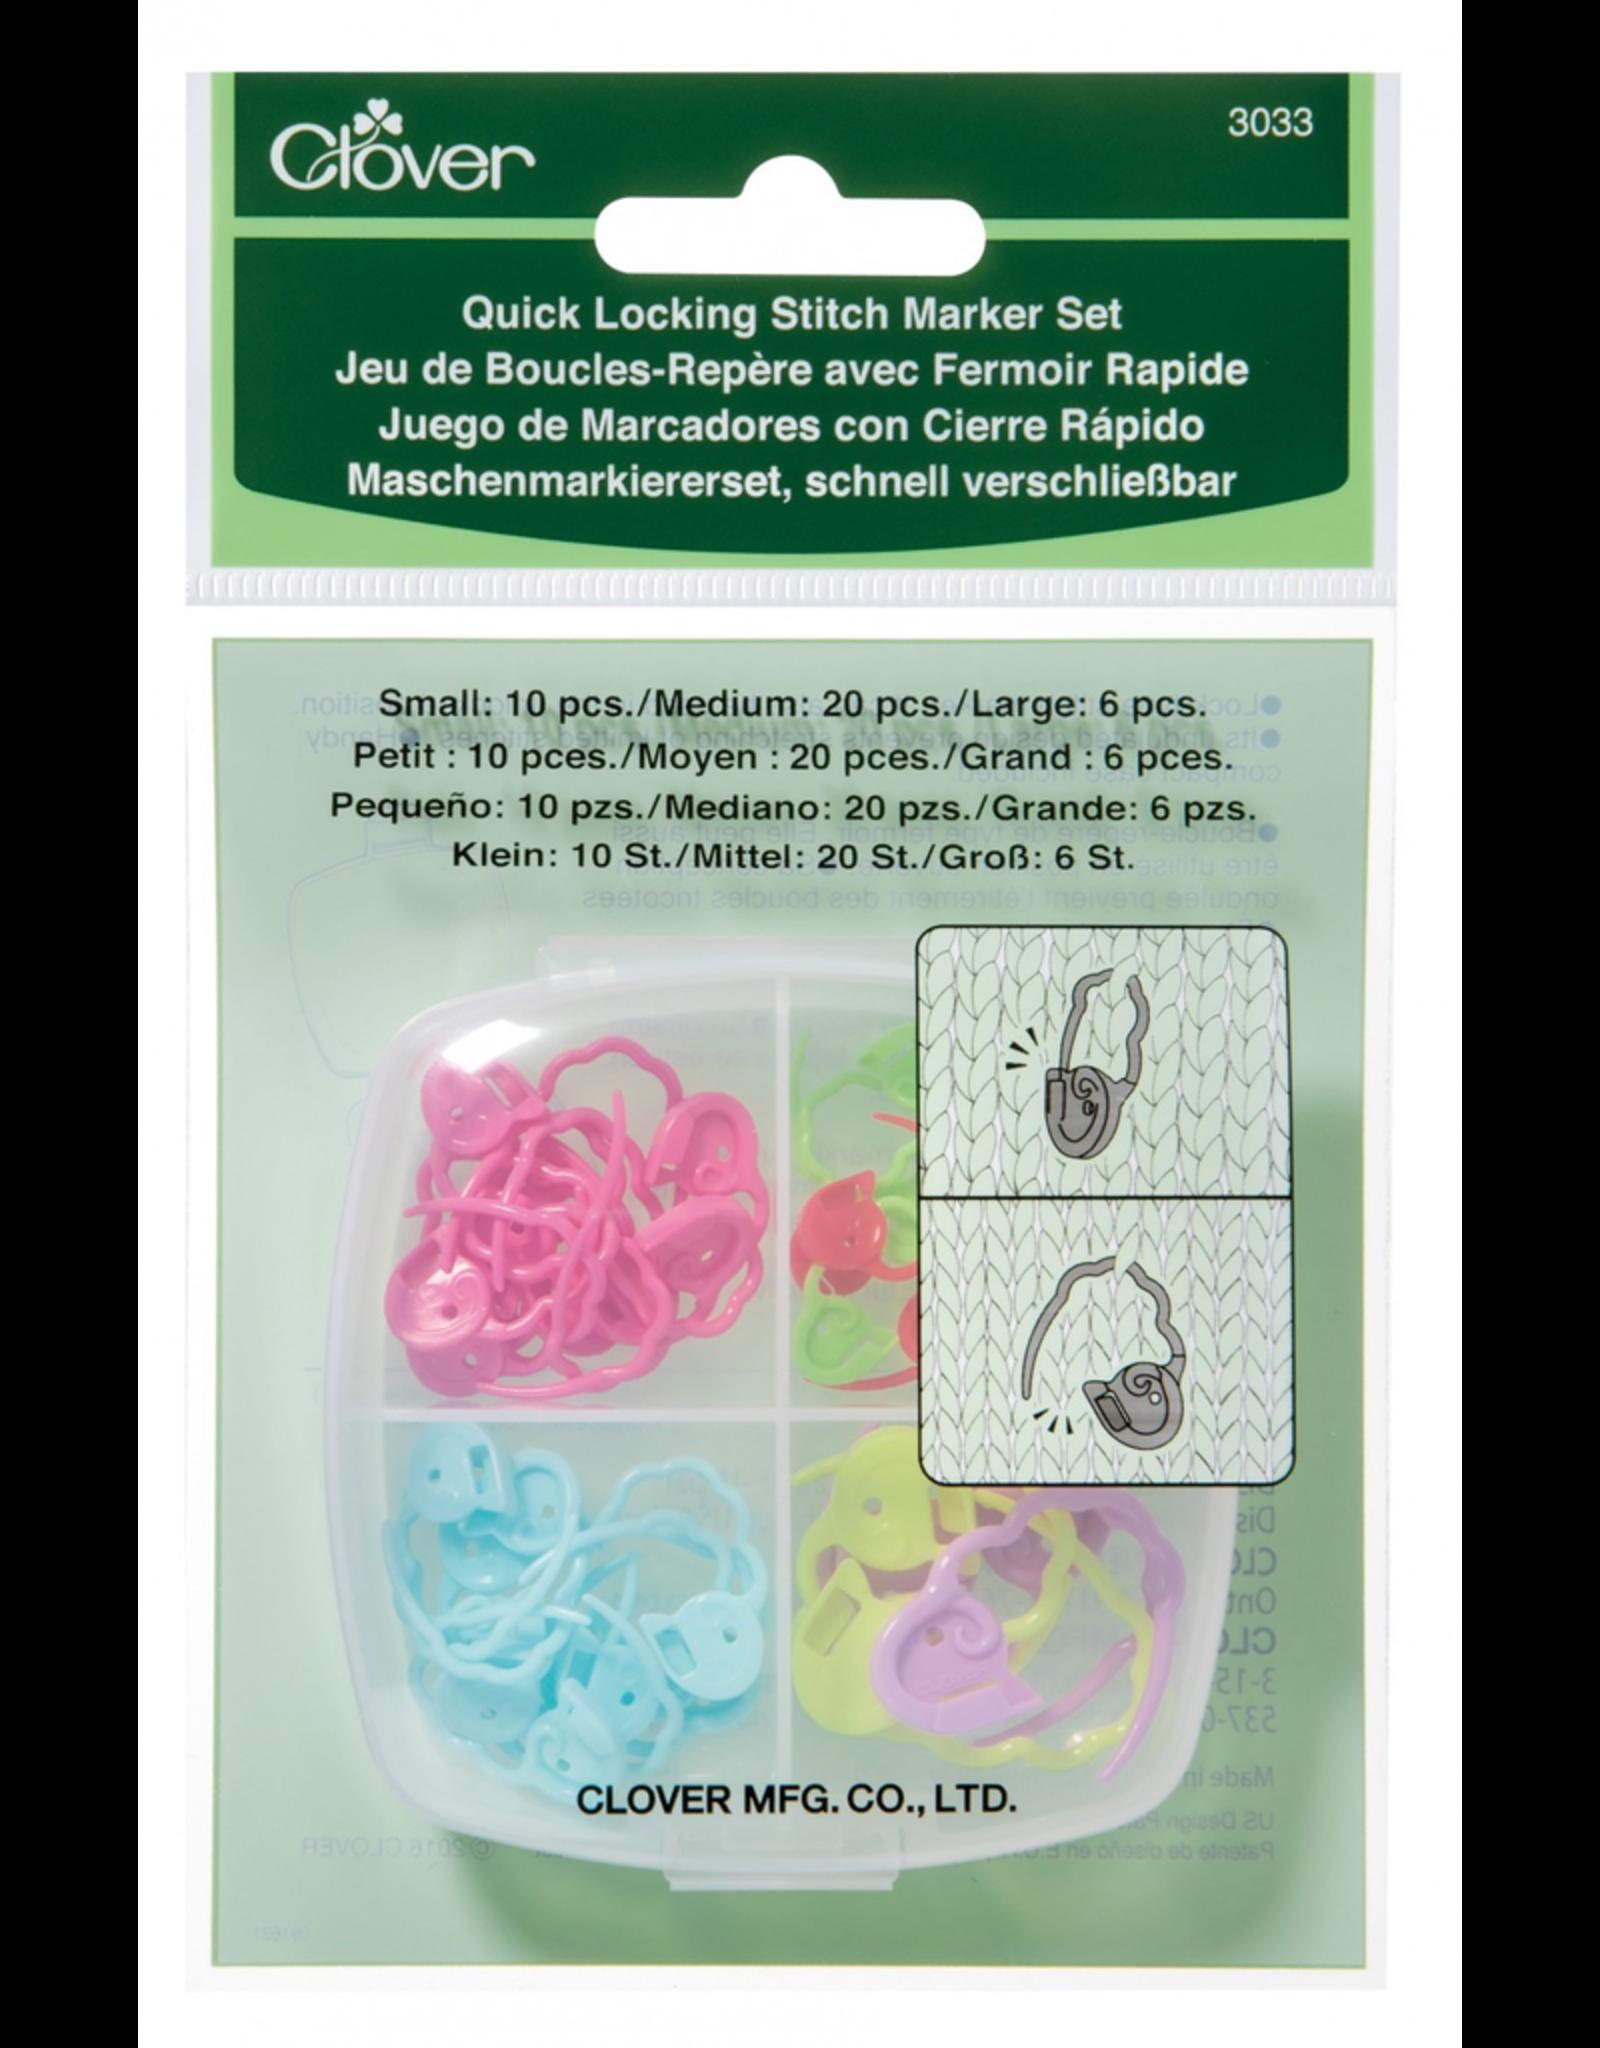 Clover Quick Locking Stitch Marker Set